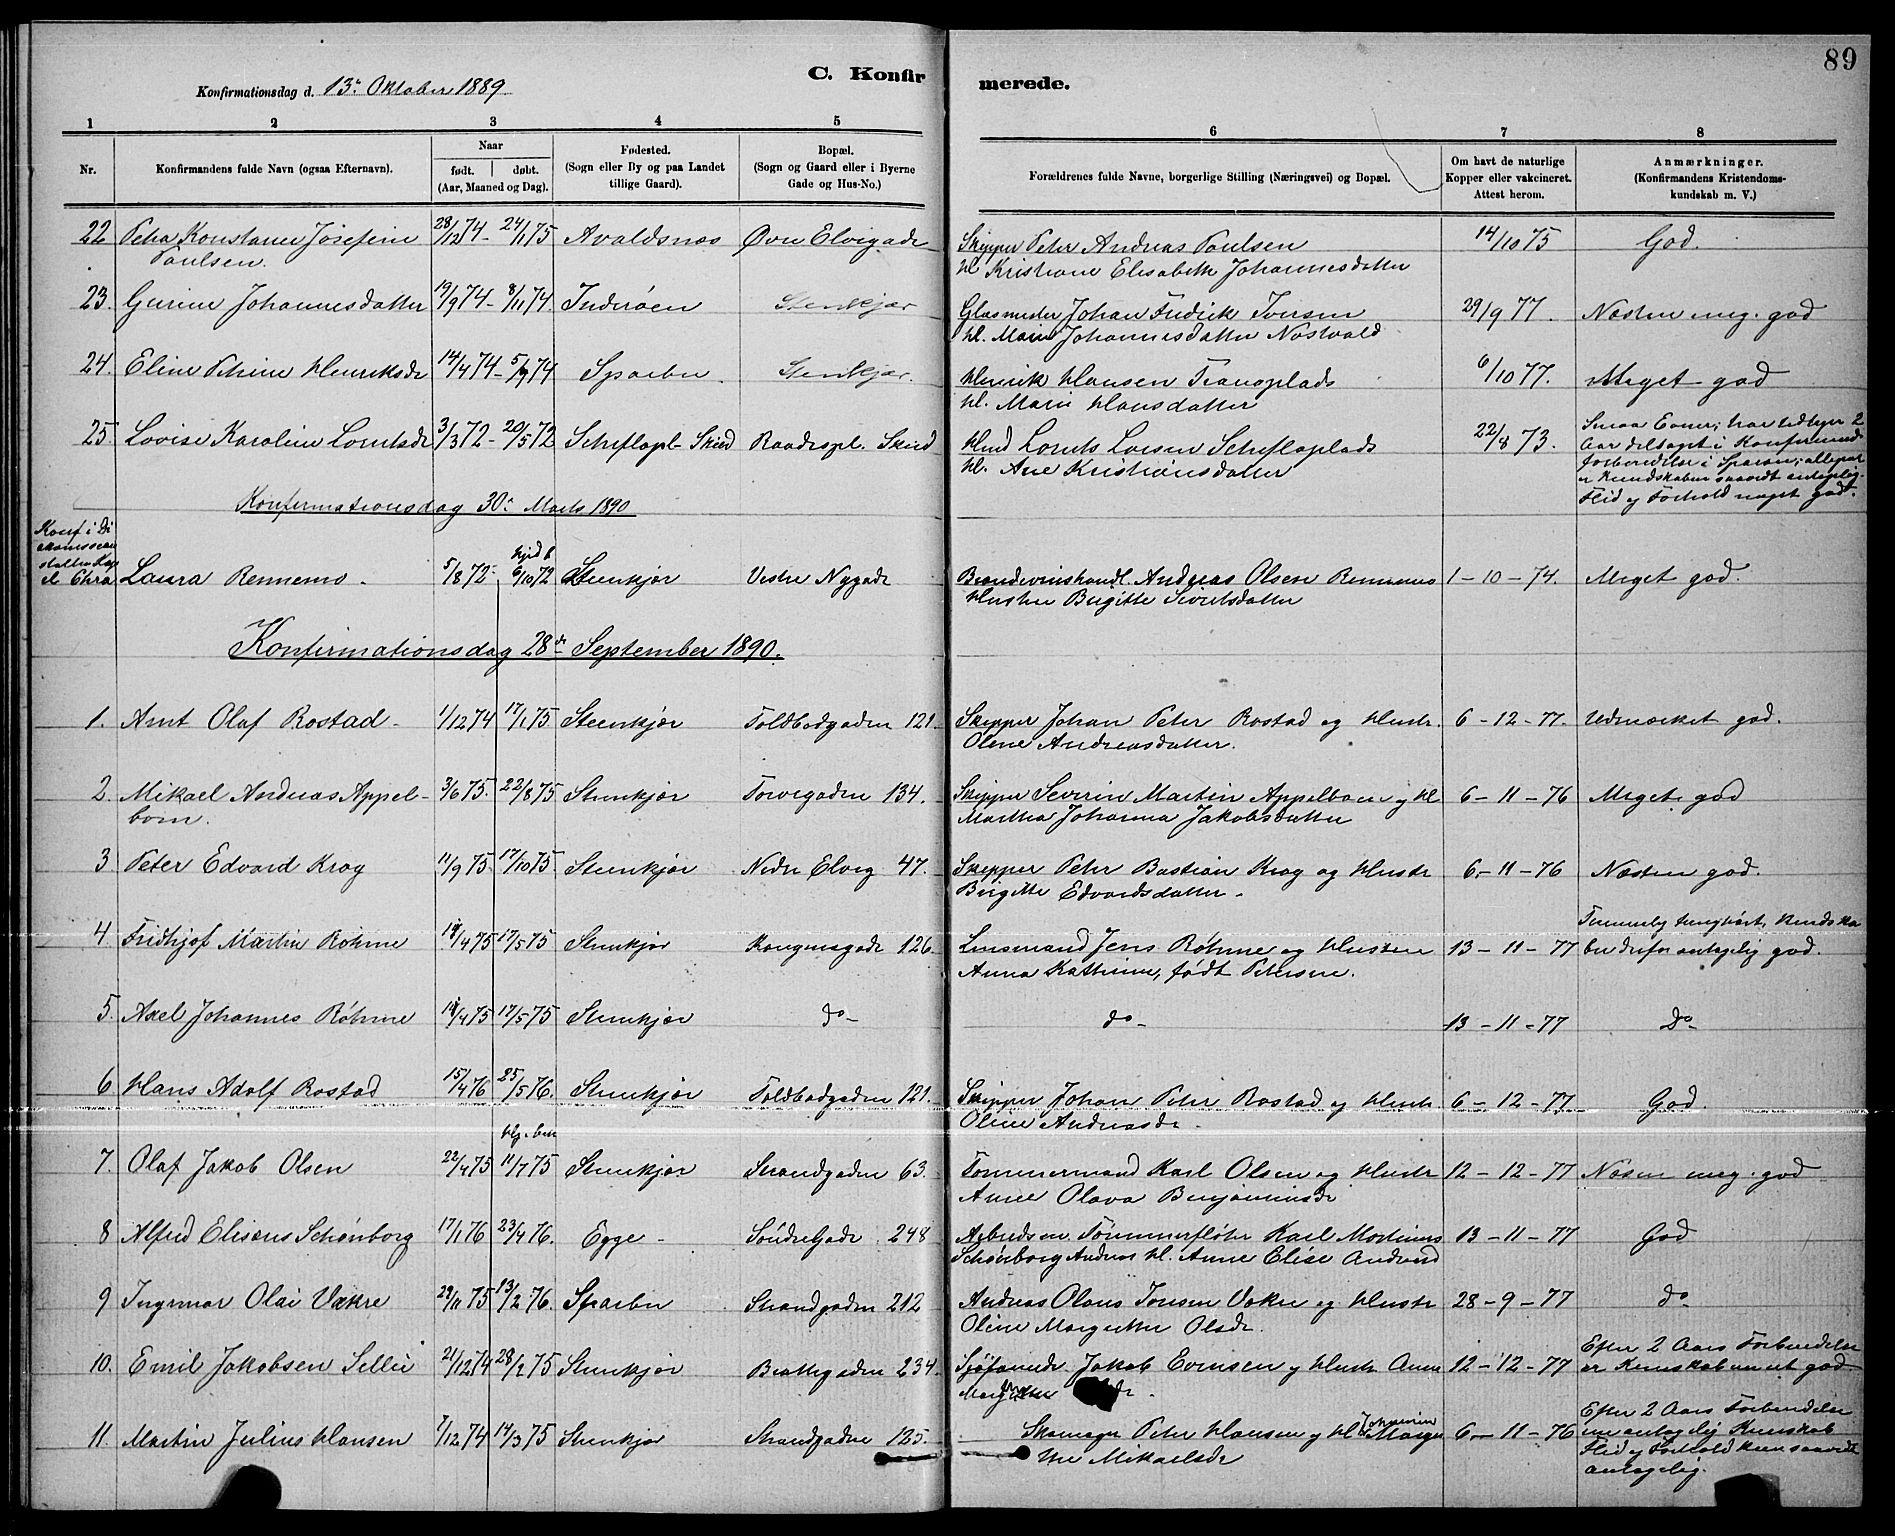 SAT, Ministerialprotokoller, klokkerbøker og fødselsregistre - Nord-Trøndelag, 739/L0374: Klokkerbok nr. 739C02, 1883-1898, s. 89